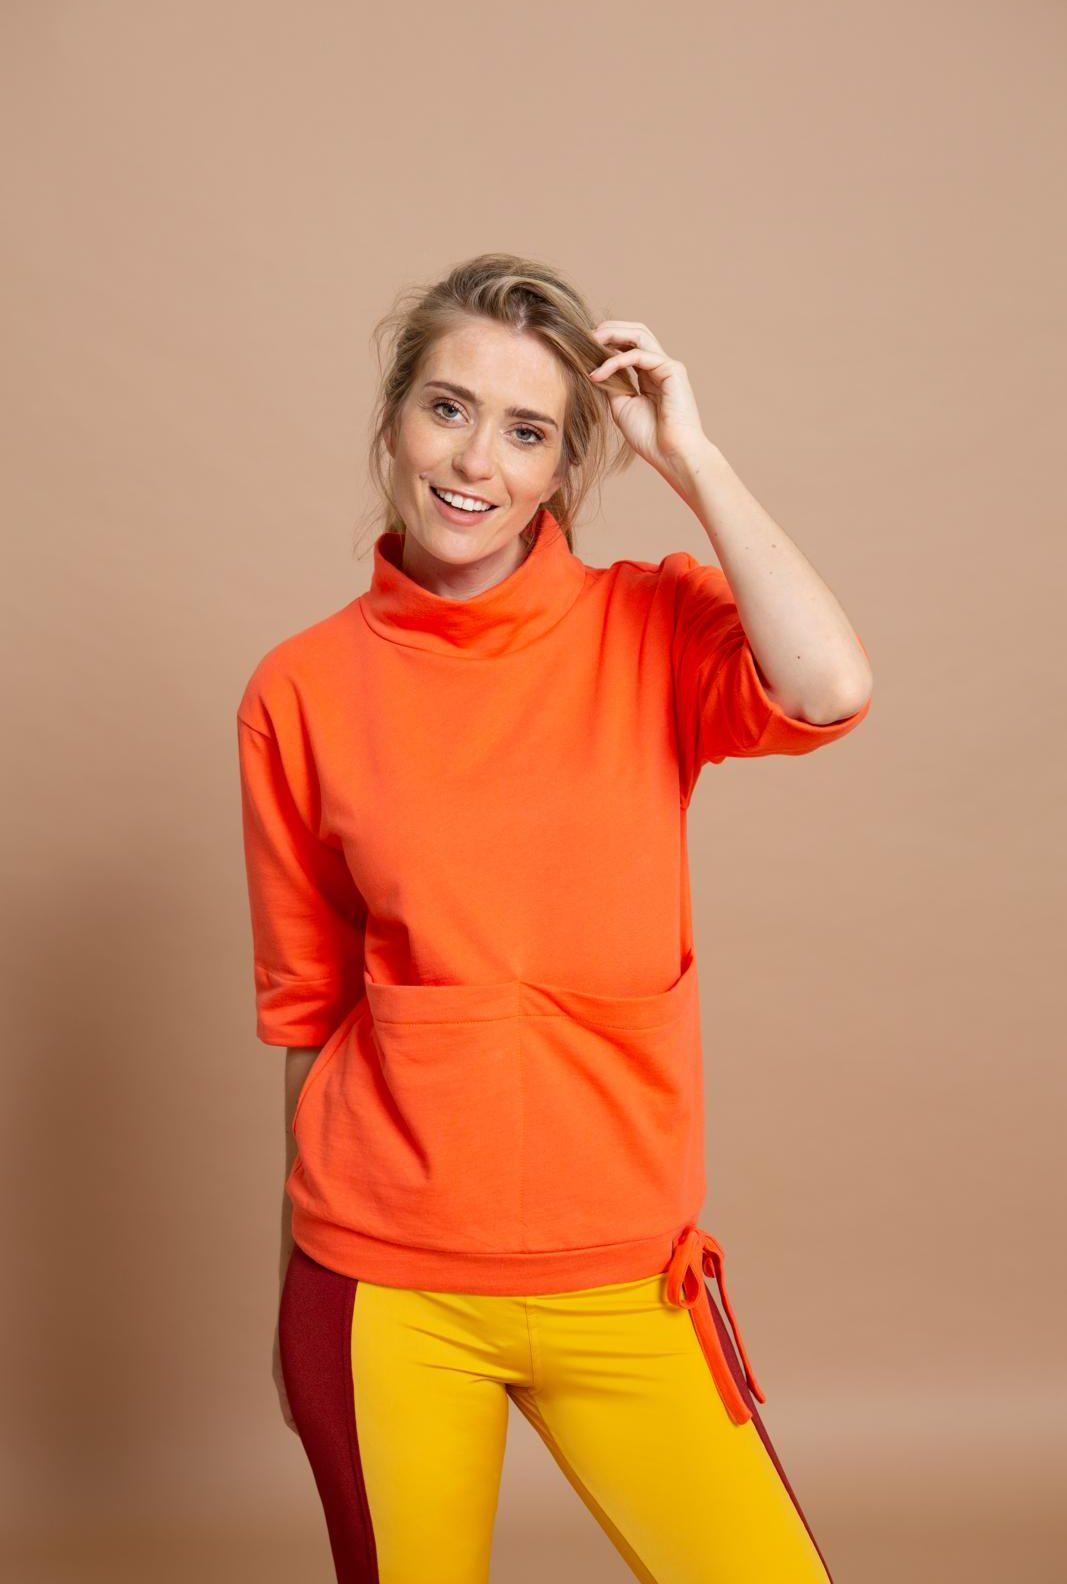 KM 12 VK sweater 10, legging 6